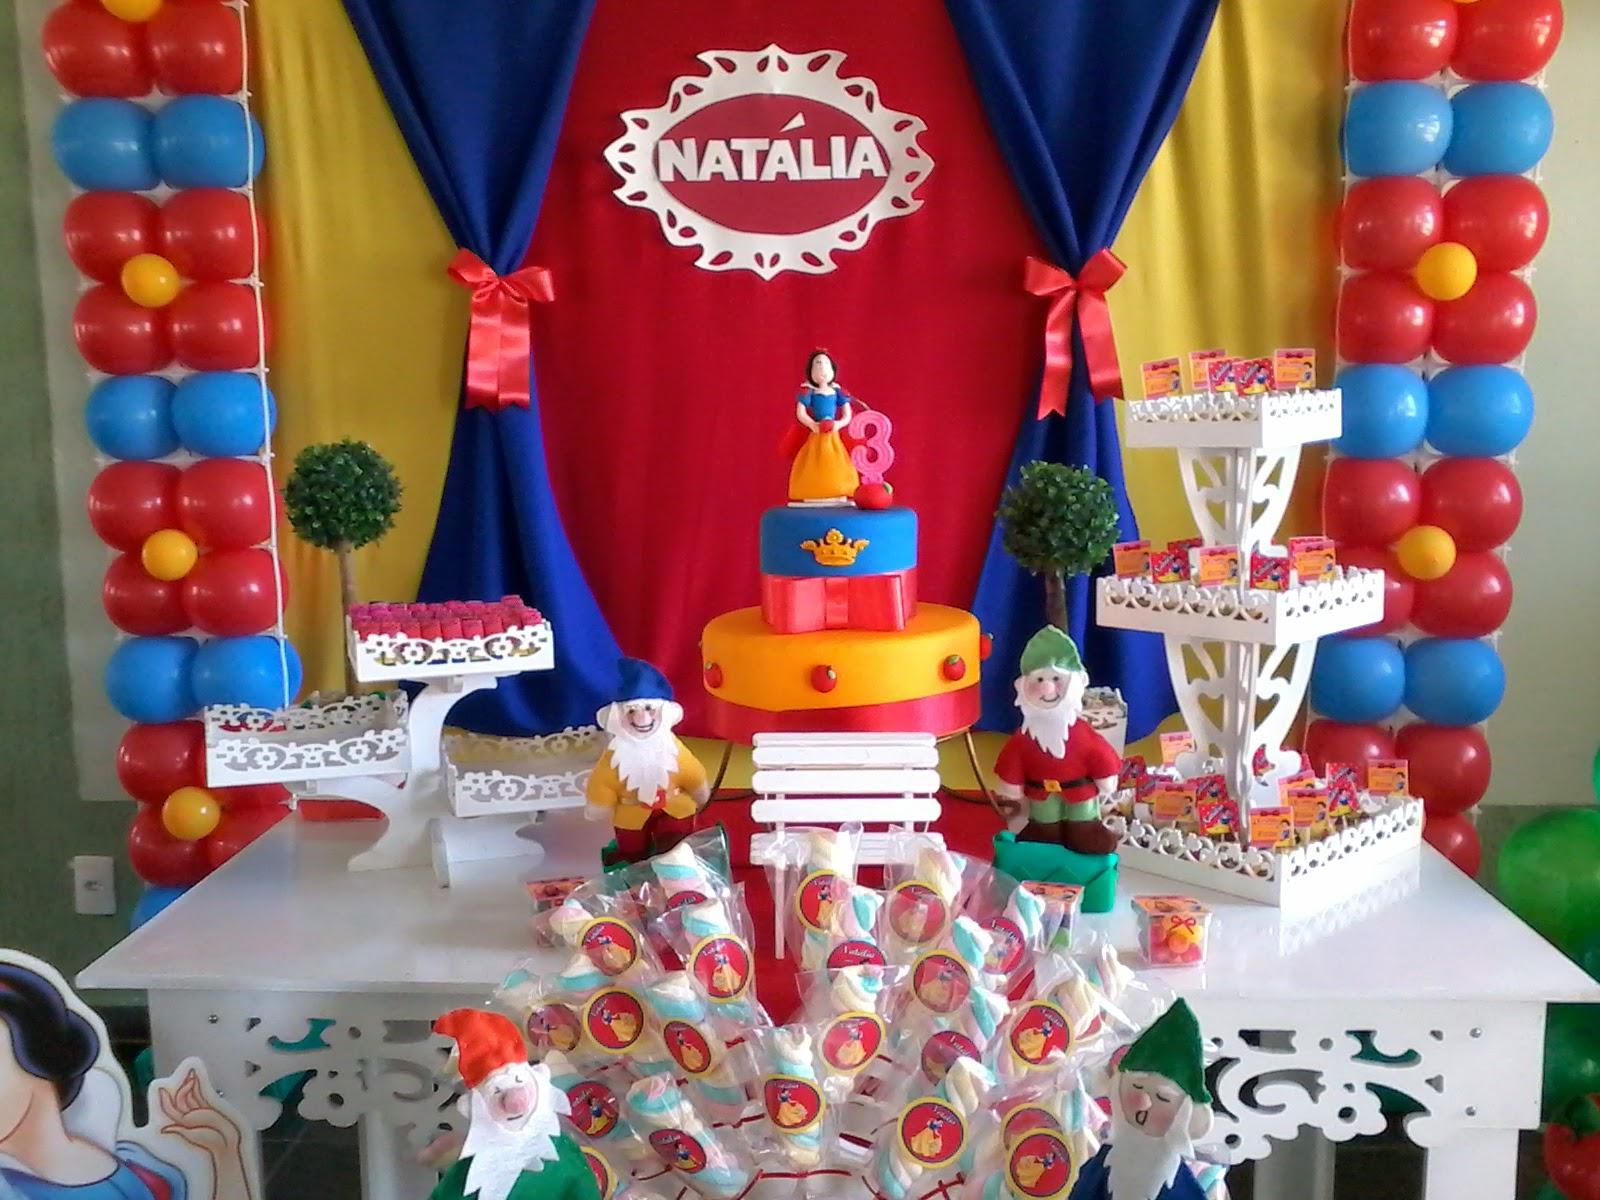 decoracao festa infantil branca de neve provencal : decoracao festa infantil branca de neve provencal:são pirulitos, gominhas, mashemelow, chocolates que juntos ao bolo